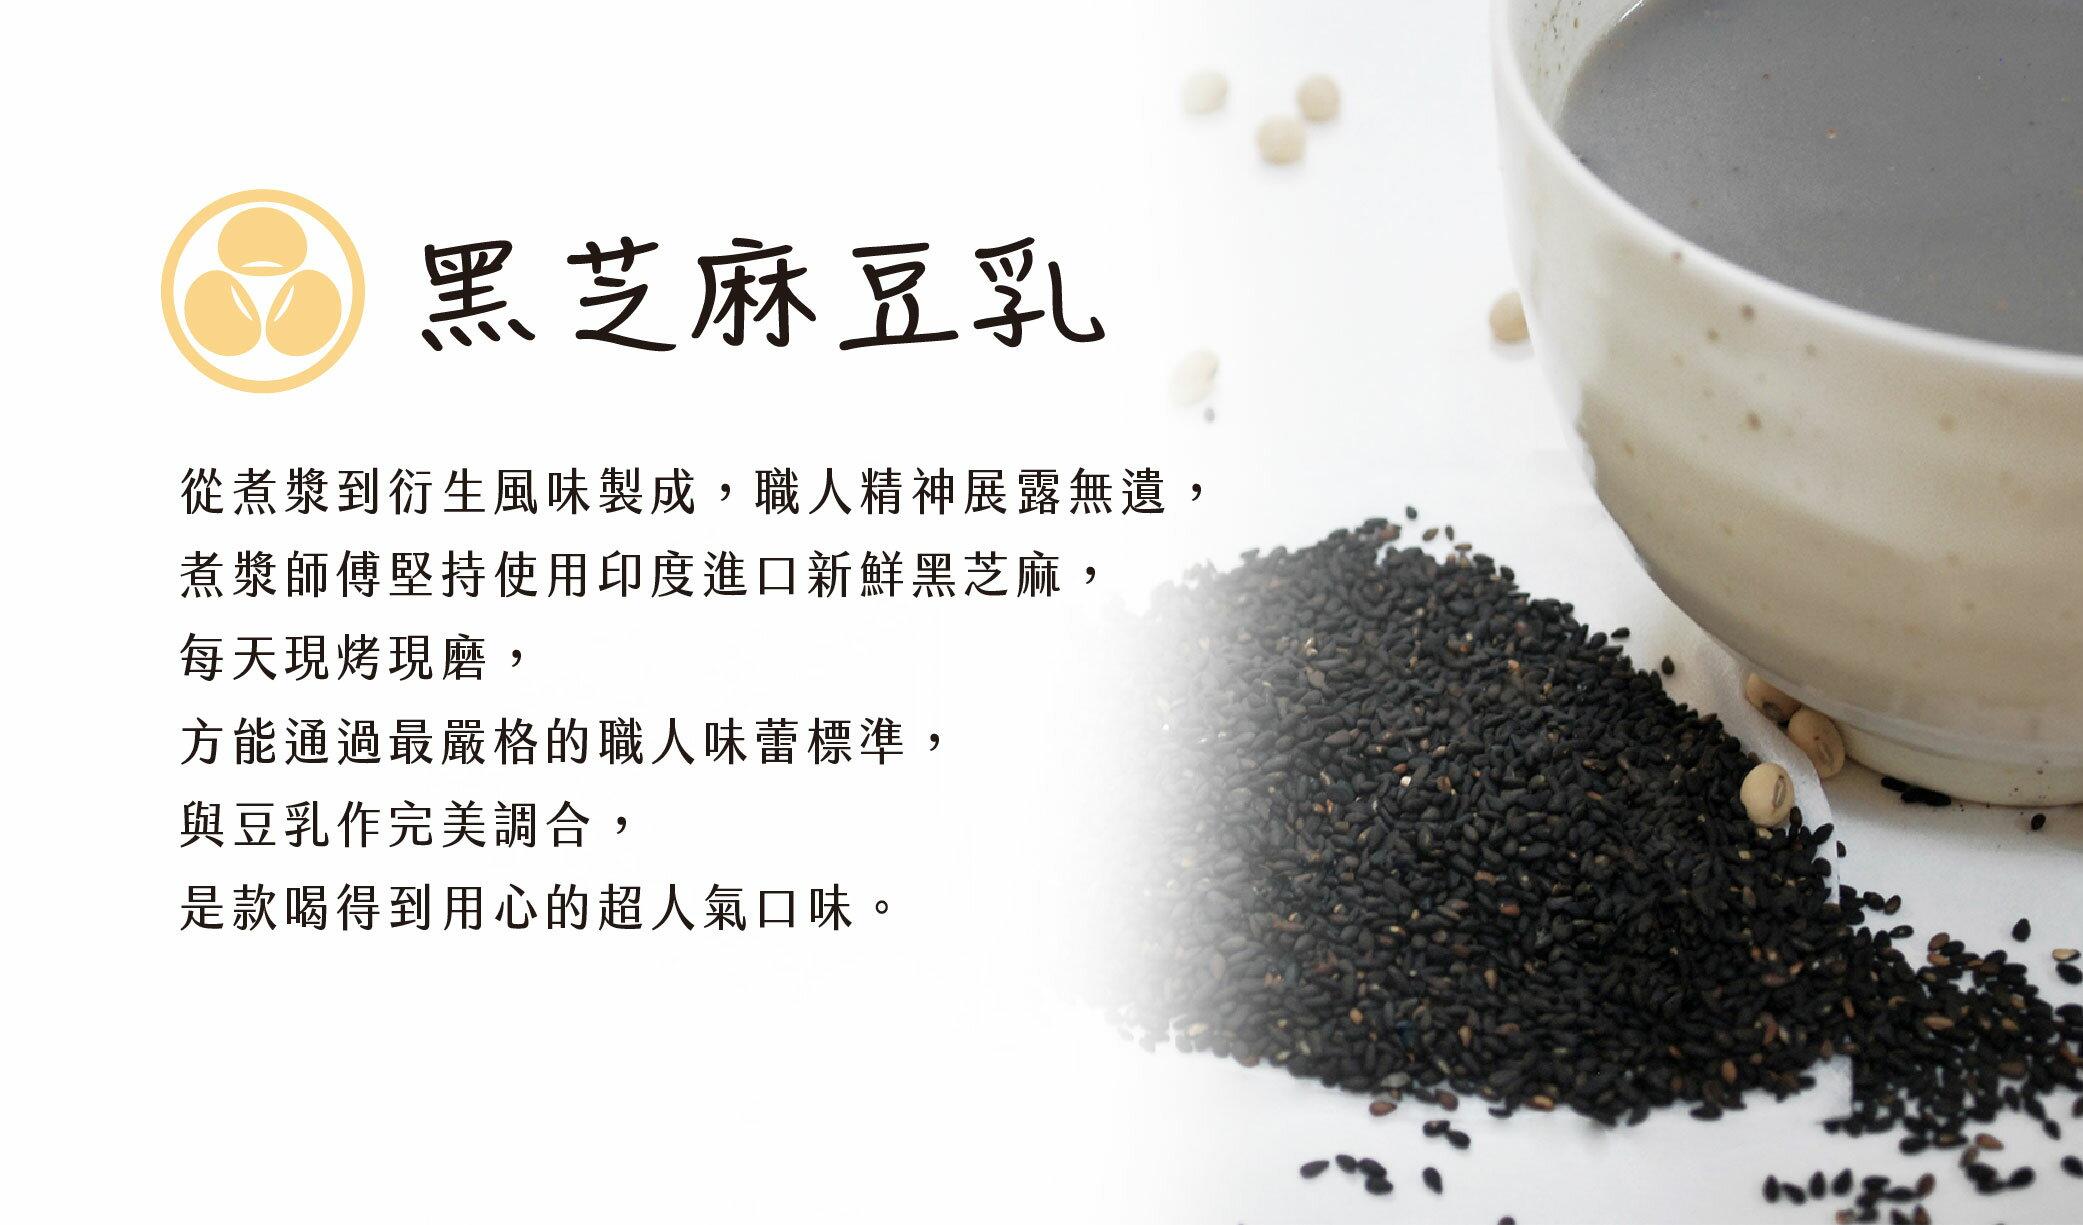 【漿樣子濃い豆乳】黑芝麻豆乳(大瓶 / 960CC)★~滿額免運~超級優惠! 1